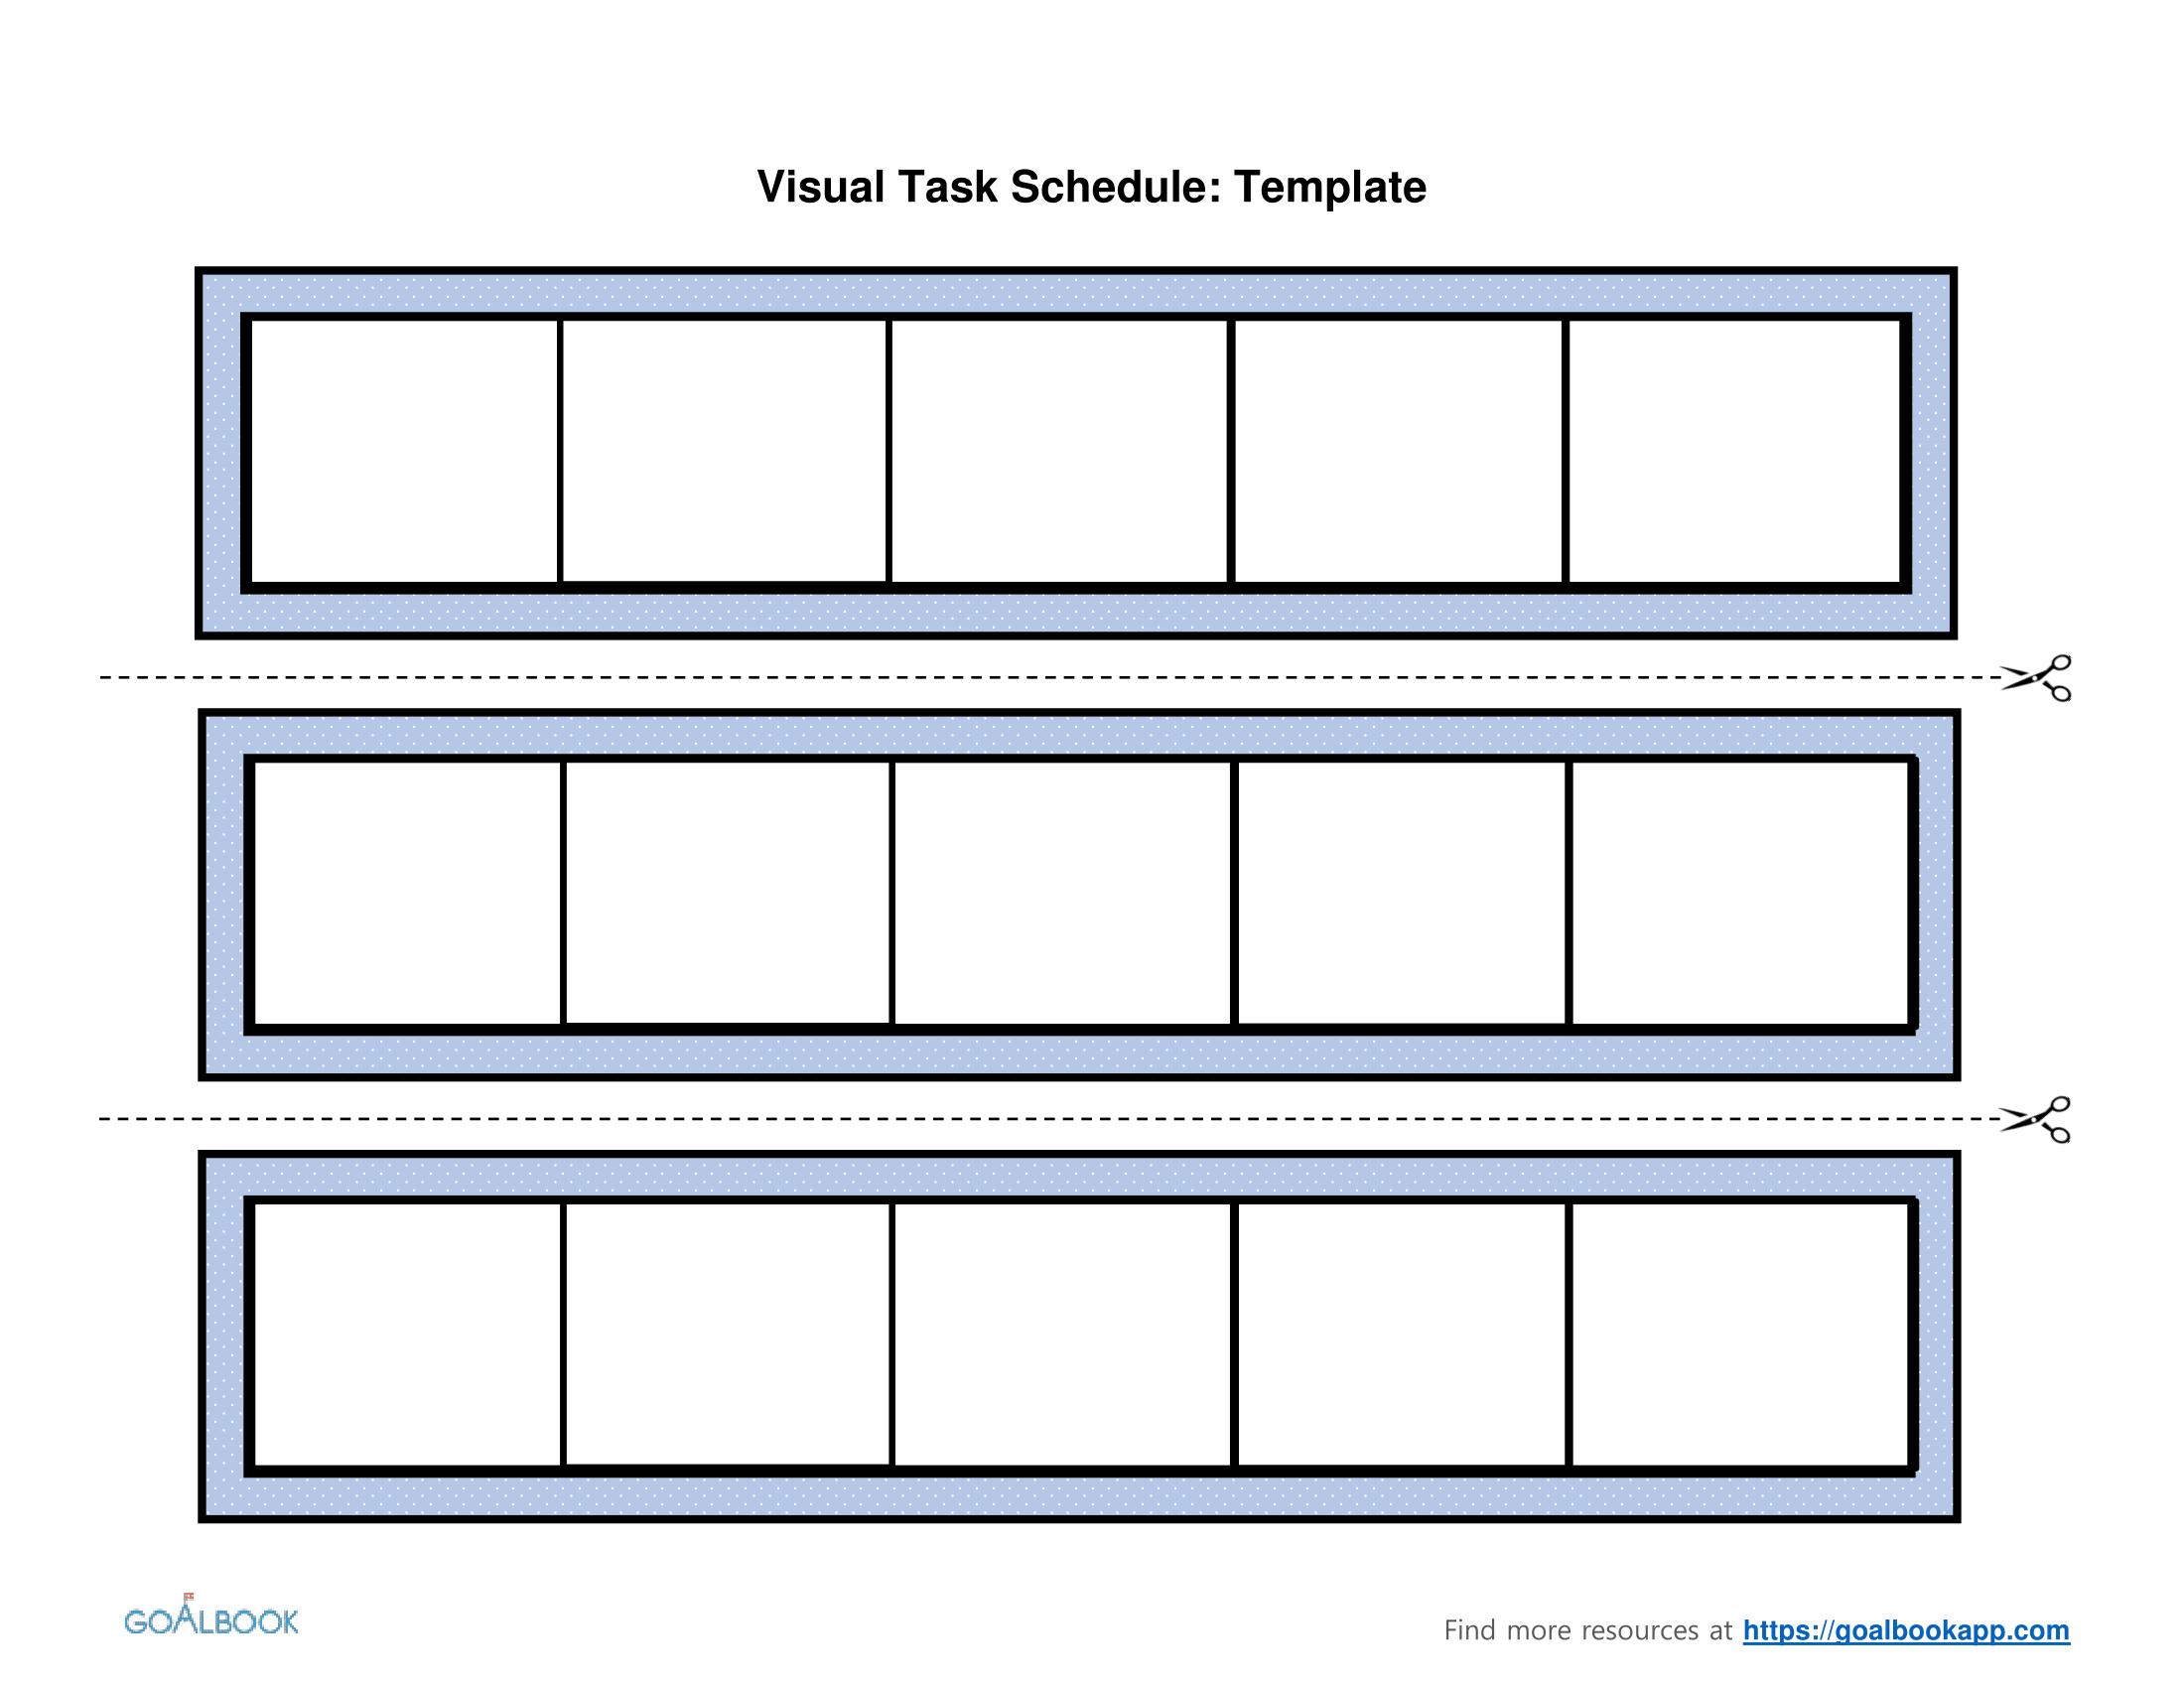 Visual Schedule Template by Speech by Schmitz | Teachers Pay Teachers